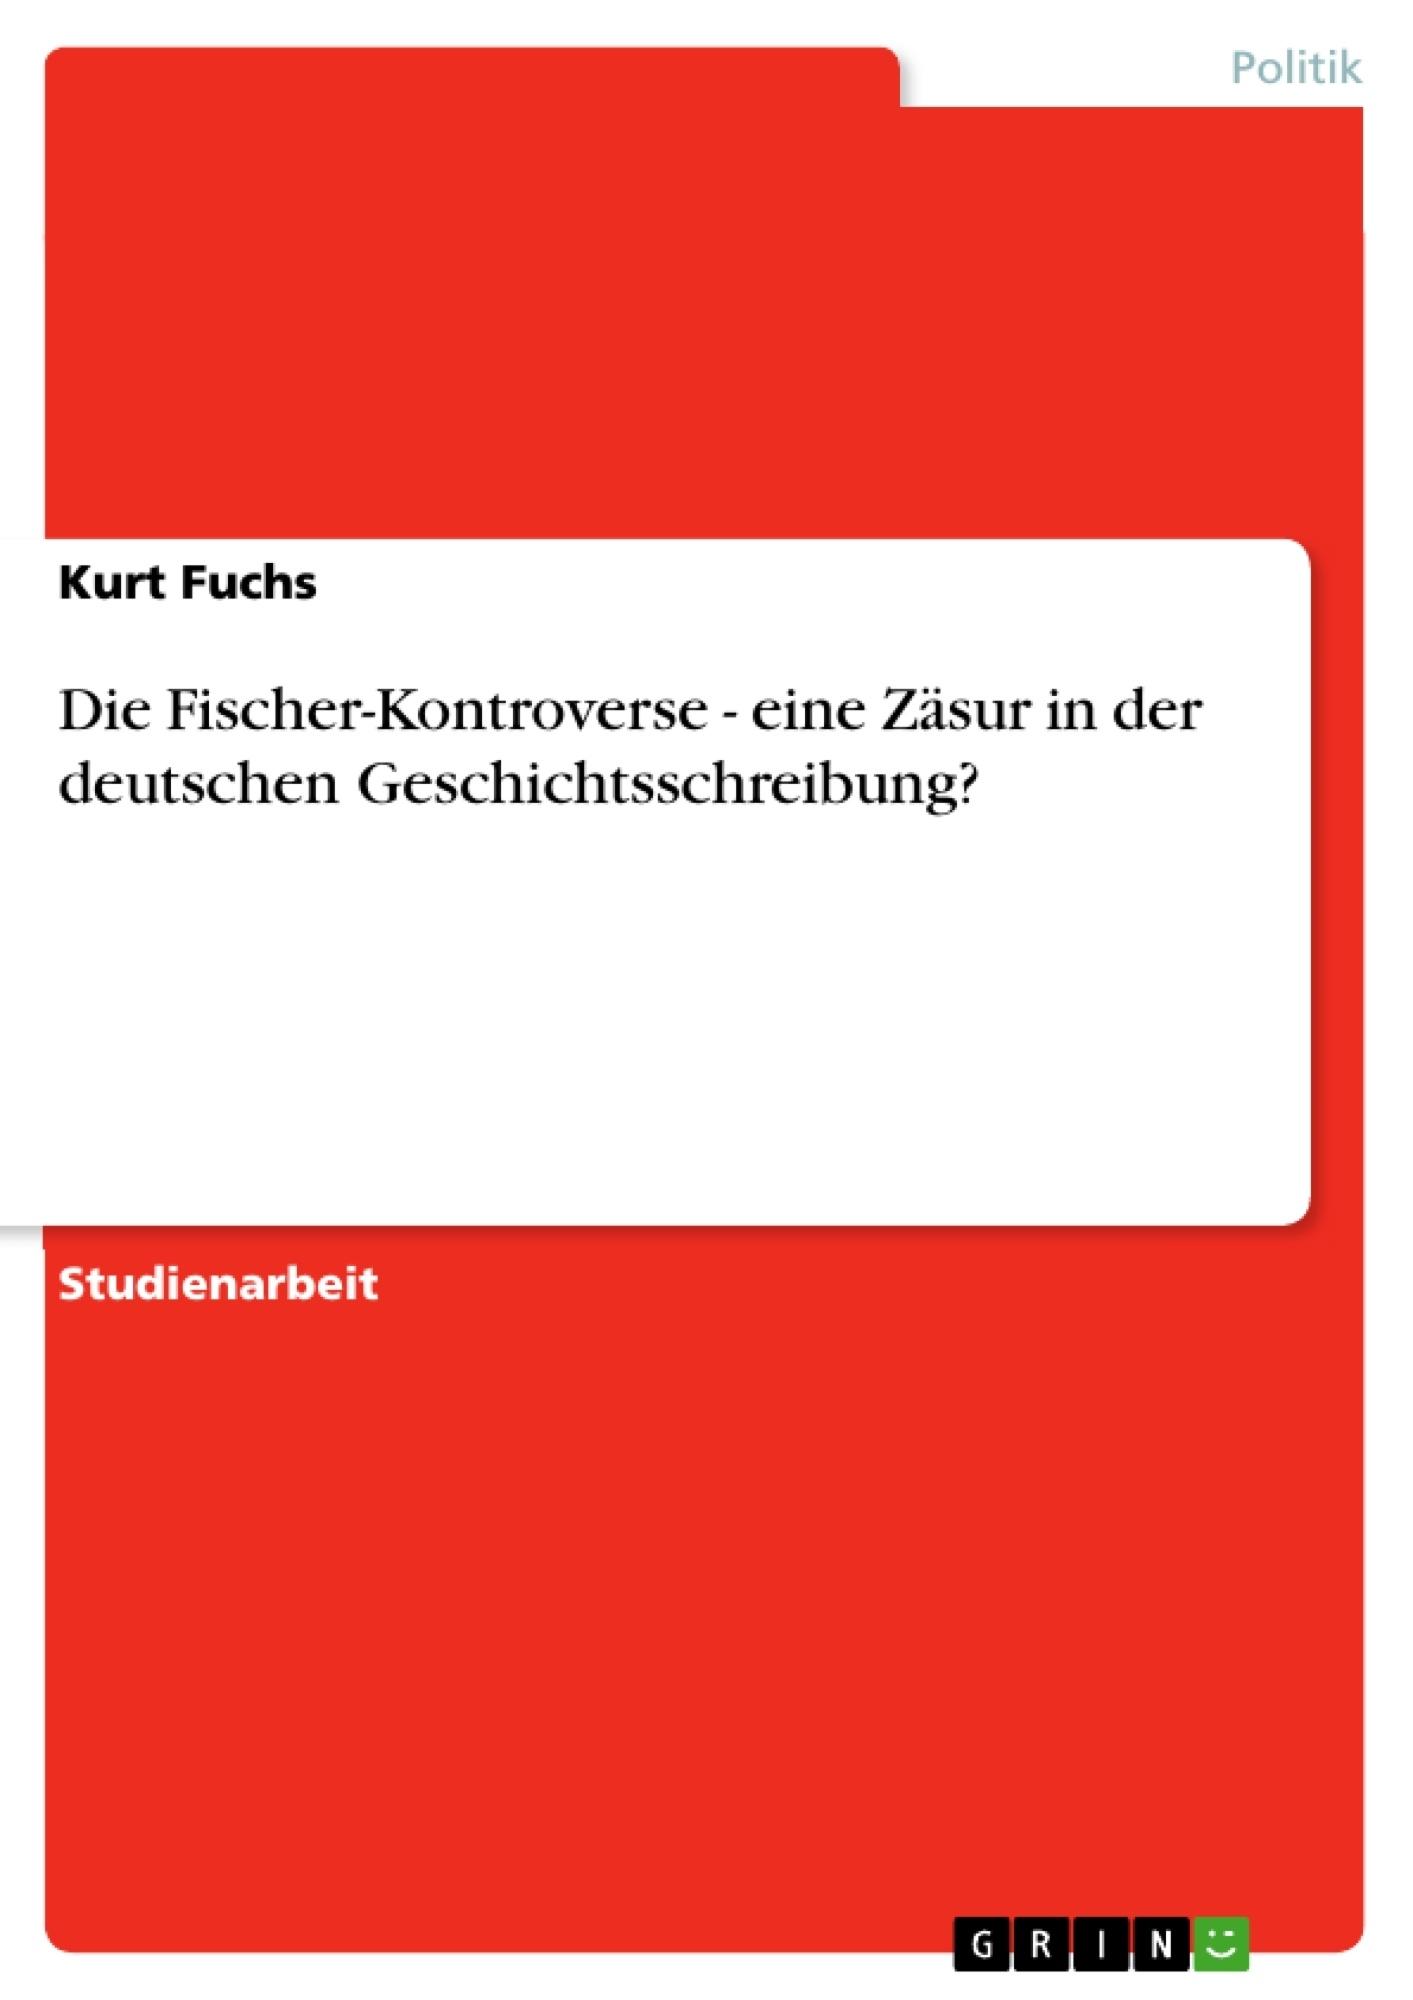 Titel: Die Fischer-Kontroverse - eine Zäsur in der deutschen Geschichtsschreibung?